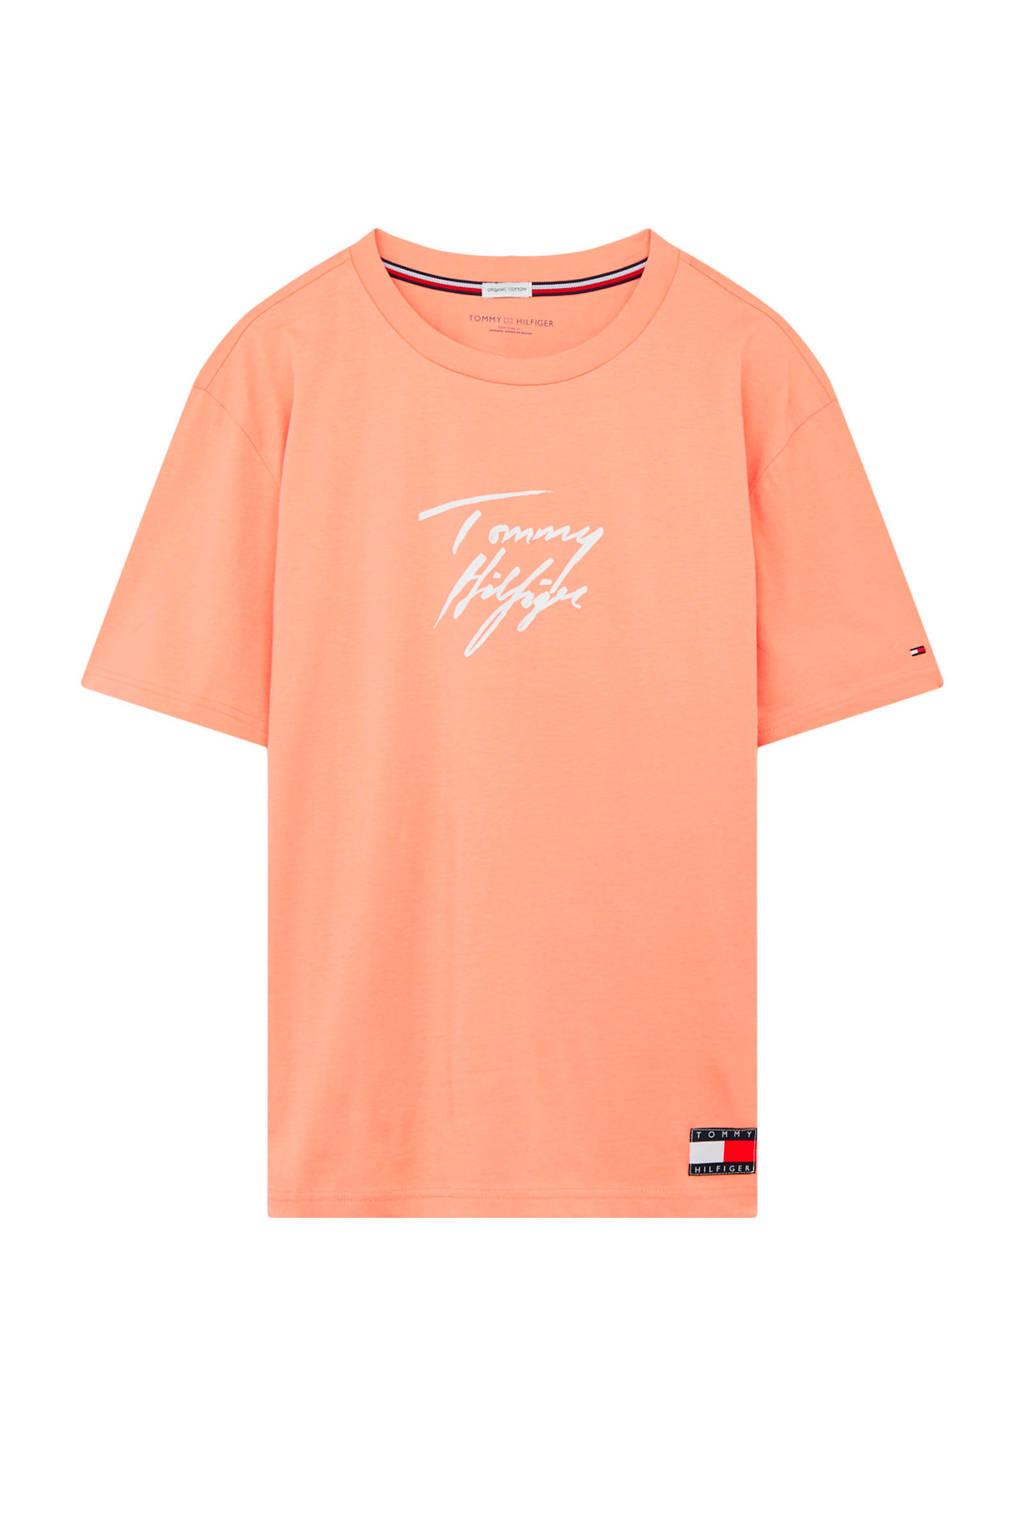 Tommy Hilfiger T-shirt met printopdruk zalmroze, Zalmroze